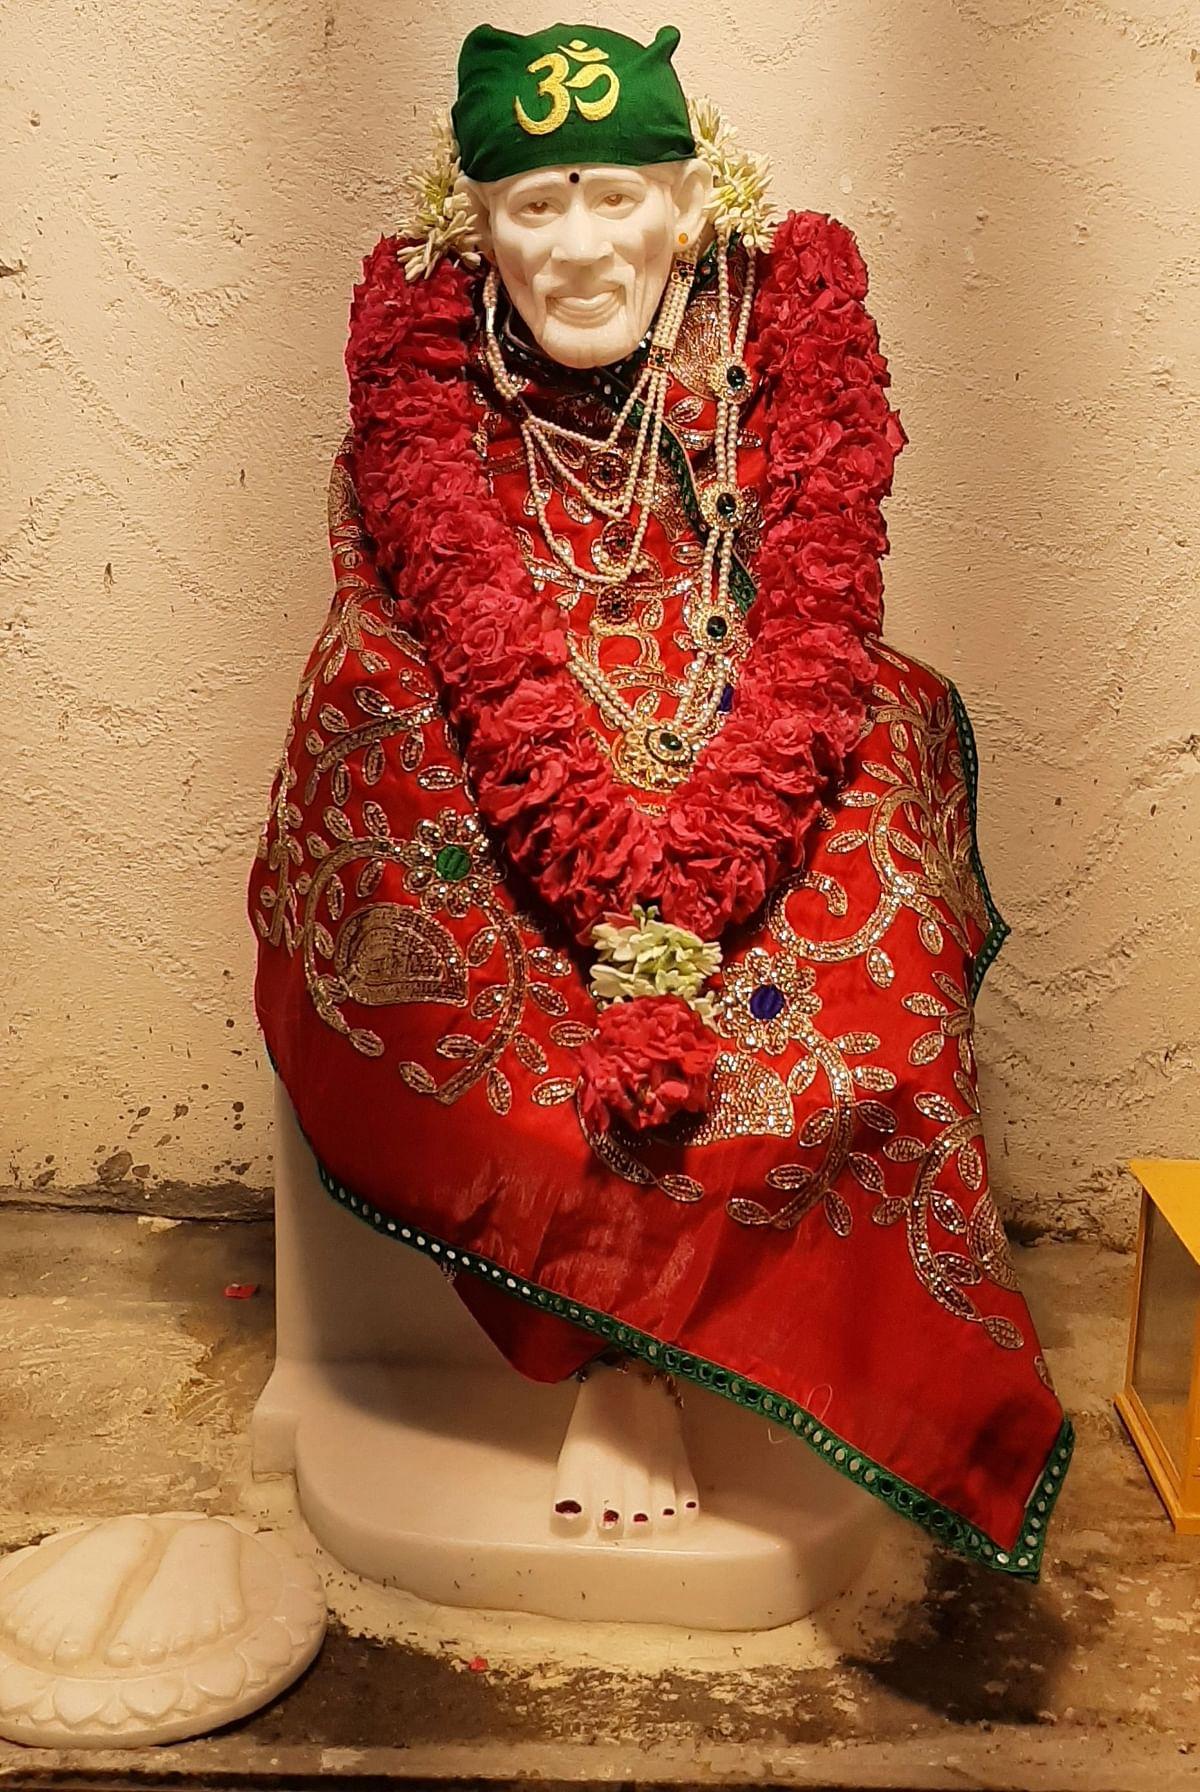 ஸ்ரீஷீரடி சாய்பாபா